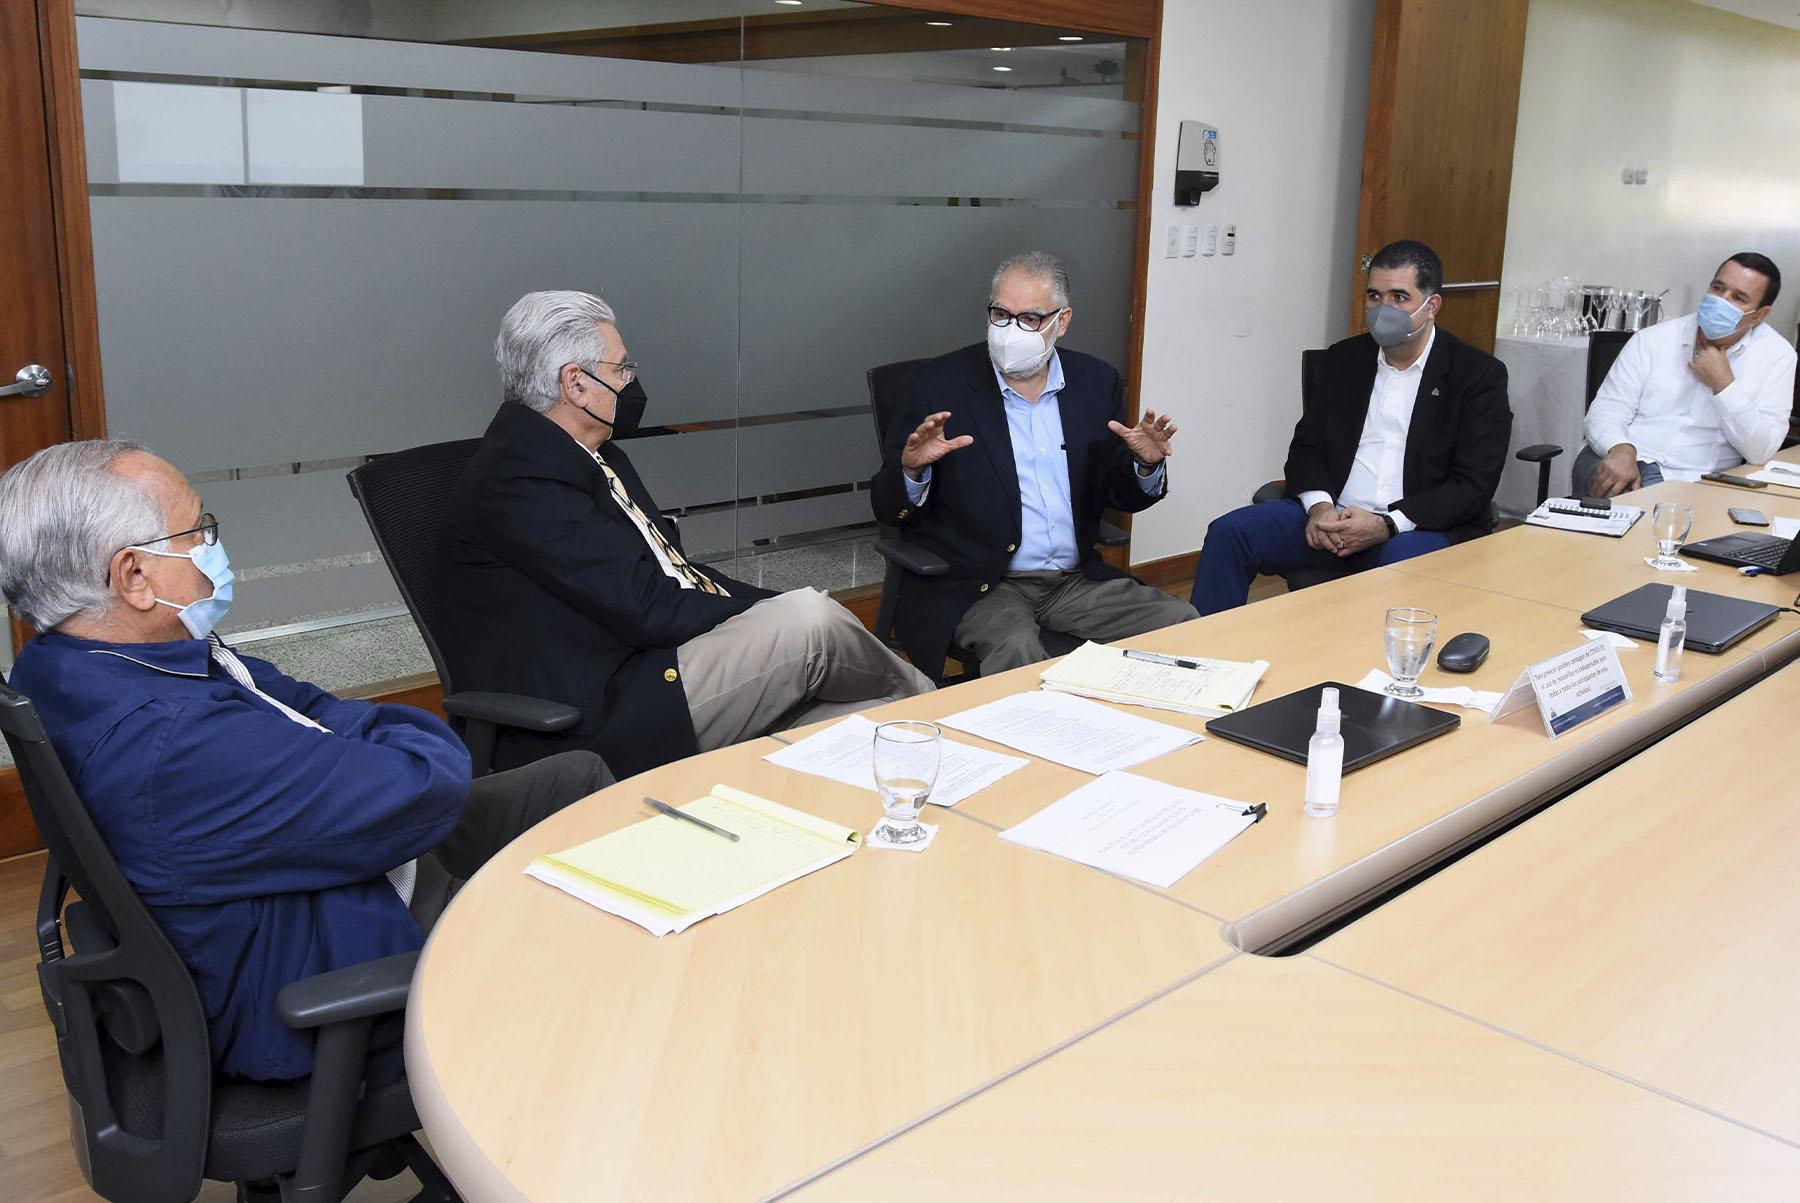 El ministro de Economía, Planificación y Desarrollo, Miguel Ceara Hatton, y el jefe de operaciones del Banco Interamericano de Desarrollo, Gilles Damais, en la reunión para el diseño de la zonificación productiva. Participaron viceministros, directores, encargados y coordinadores del Ministerio de Economía, Planificación y Desarrollo.